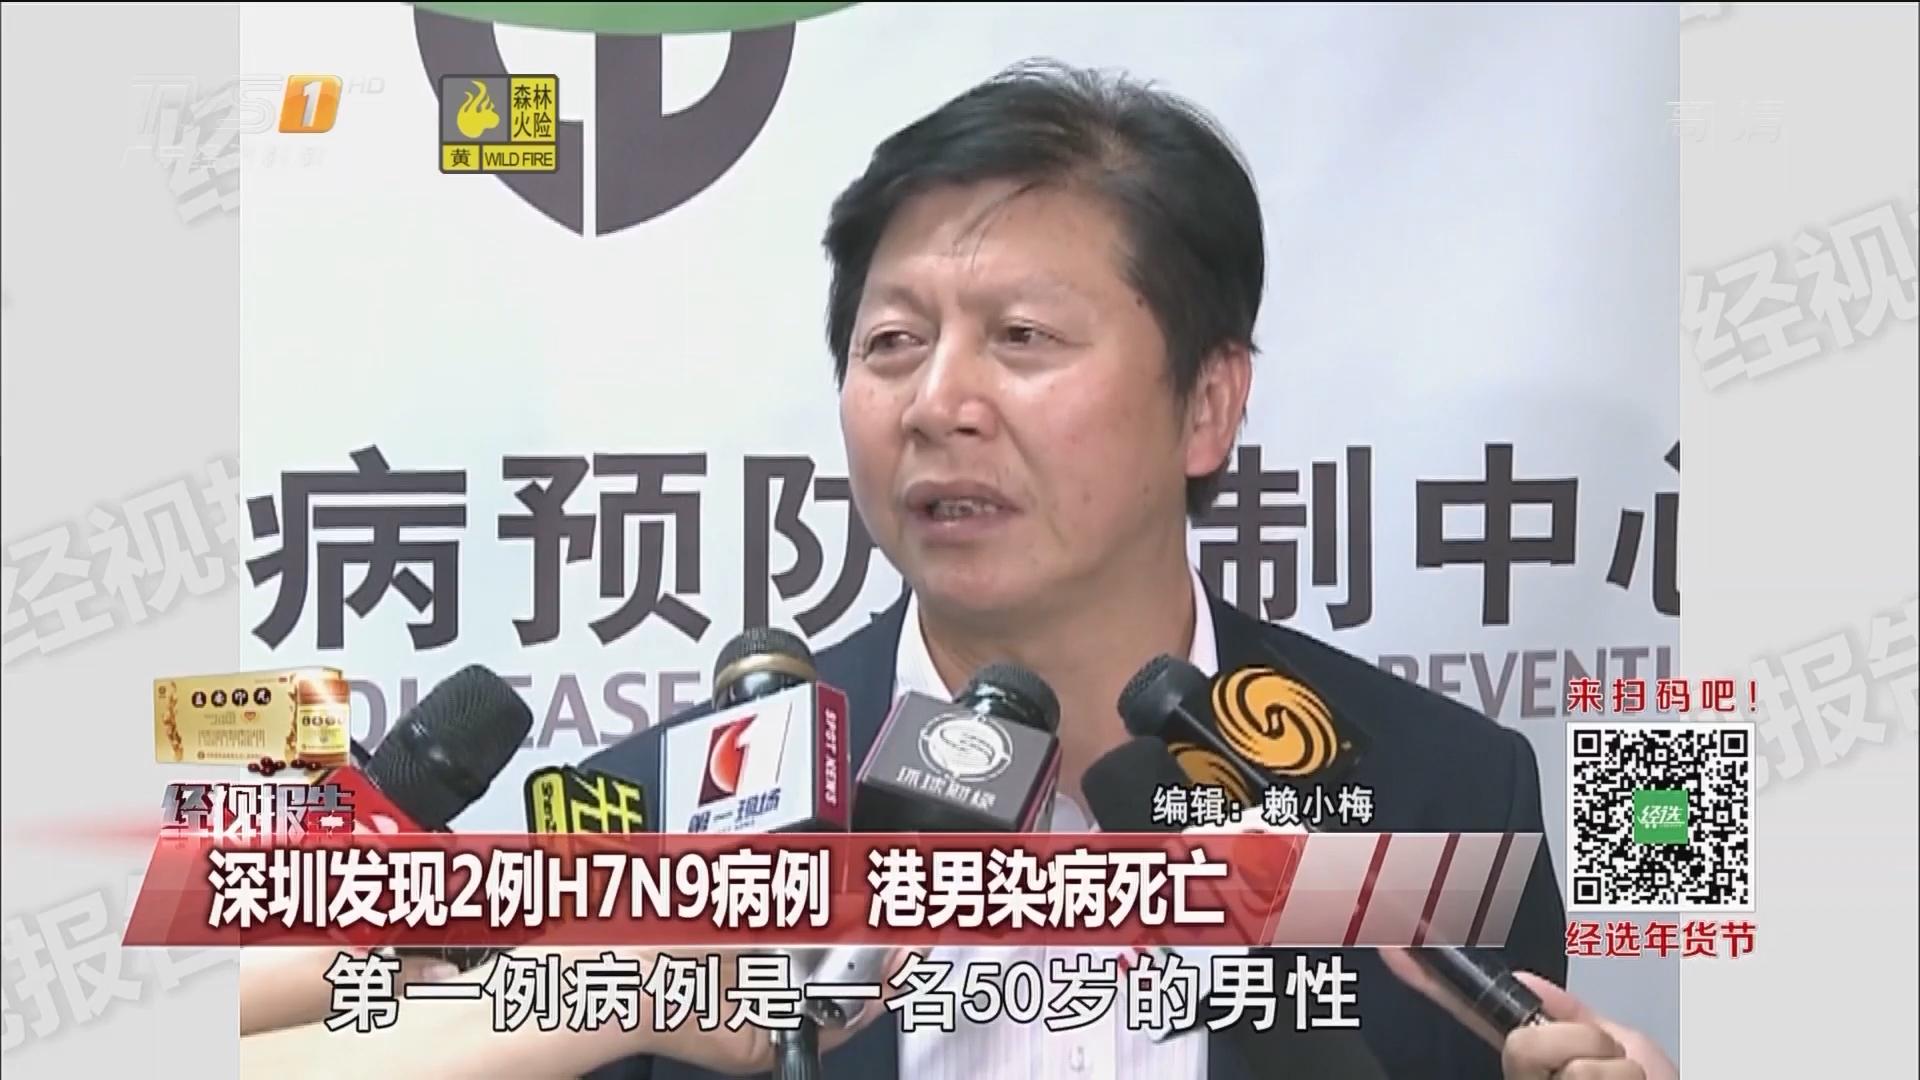 深圳发现2例H7N9病例 港男染病死亡